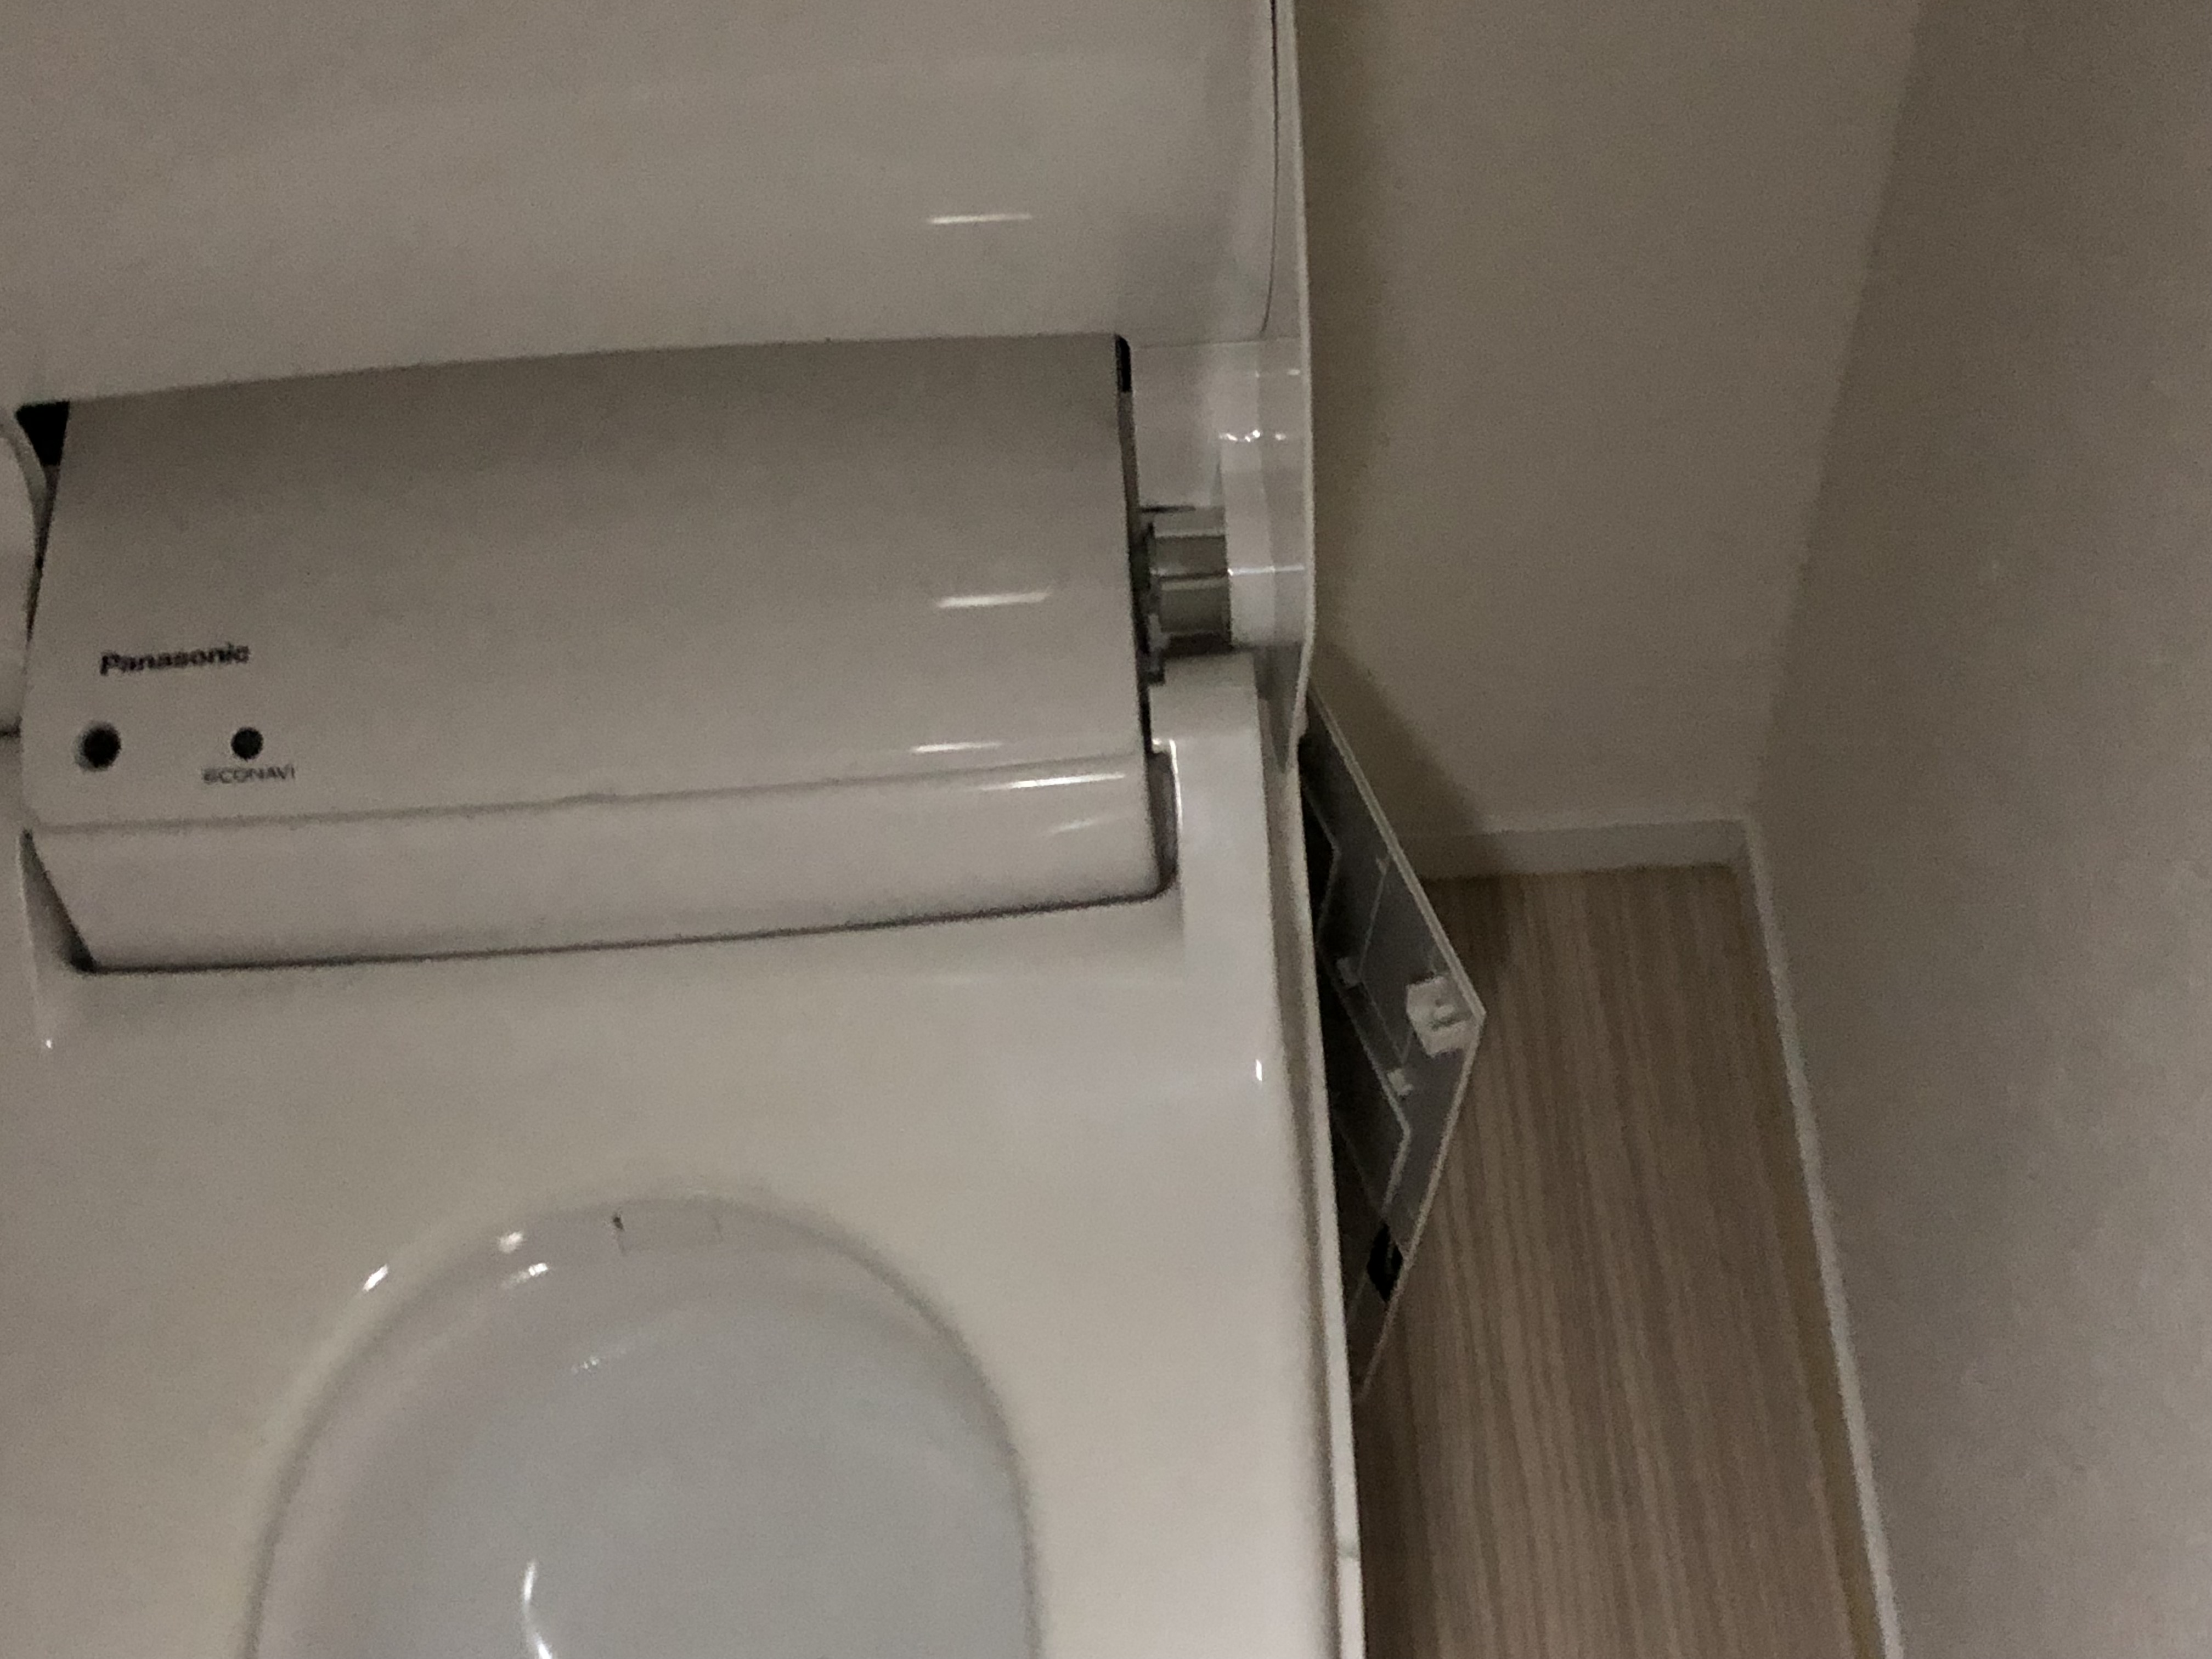 アラウーノの排水ハンドル